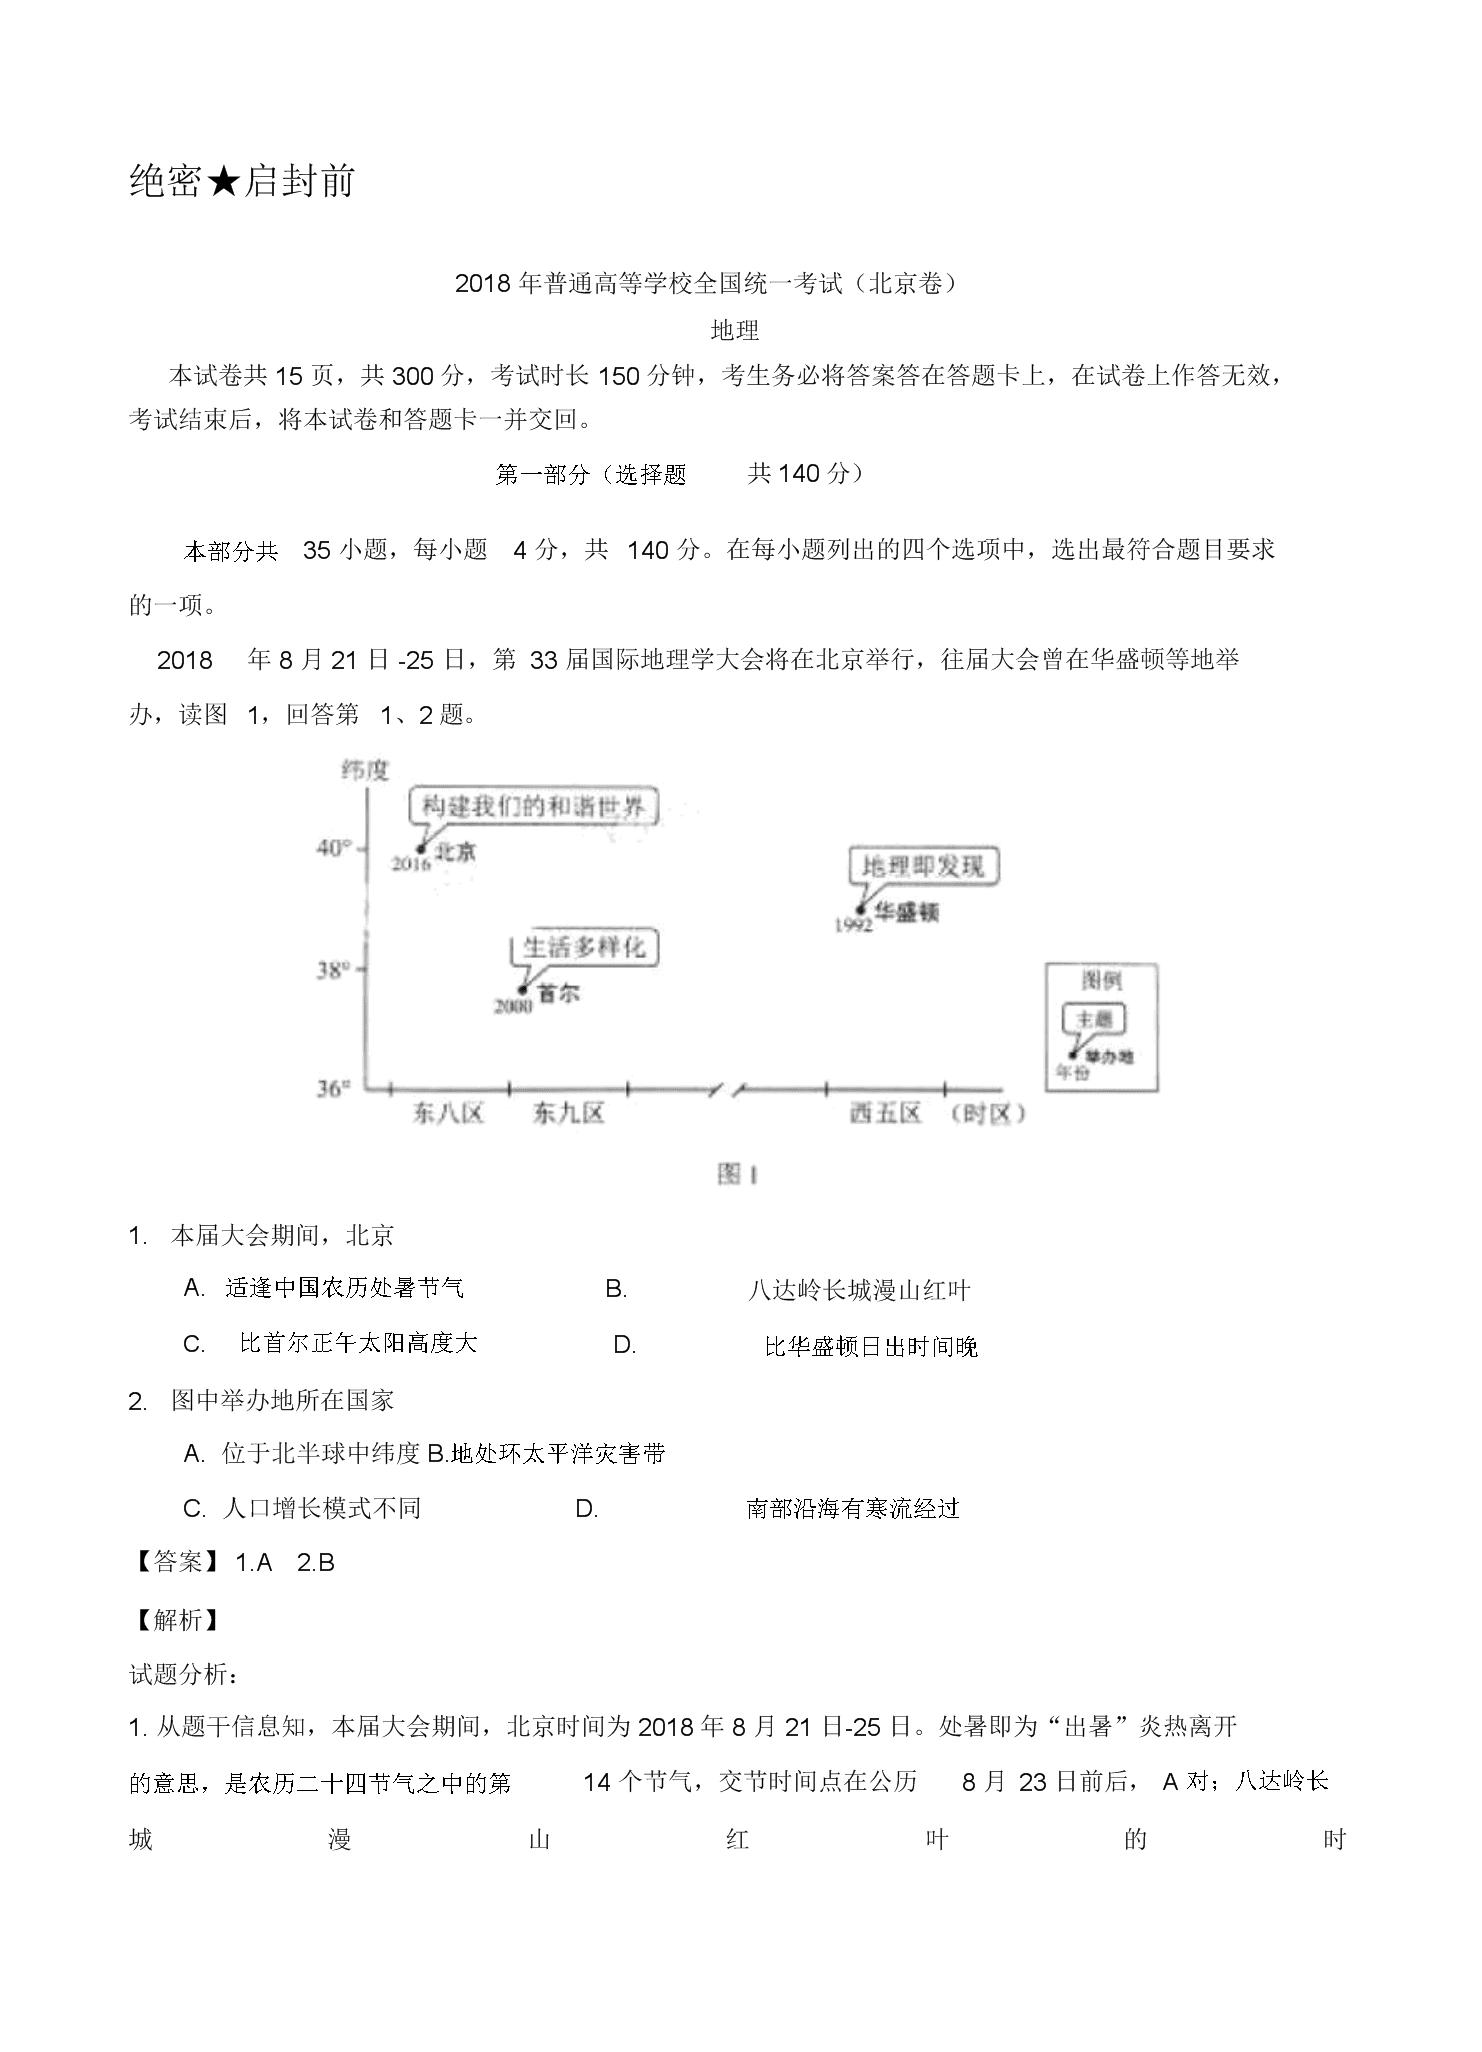 2019年高考试题(地理)北京卷(word版,含答案解析).docx